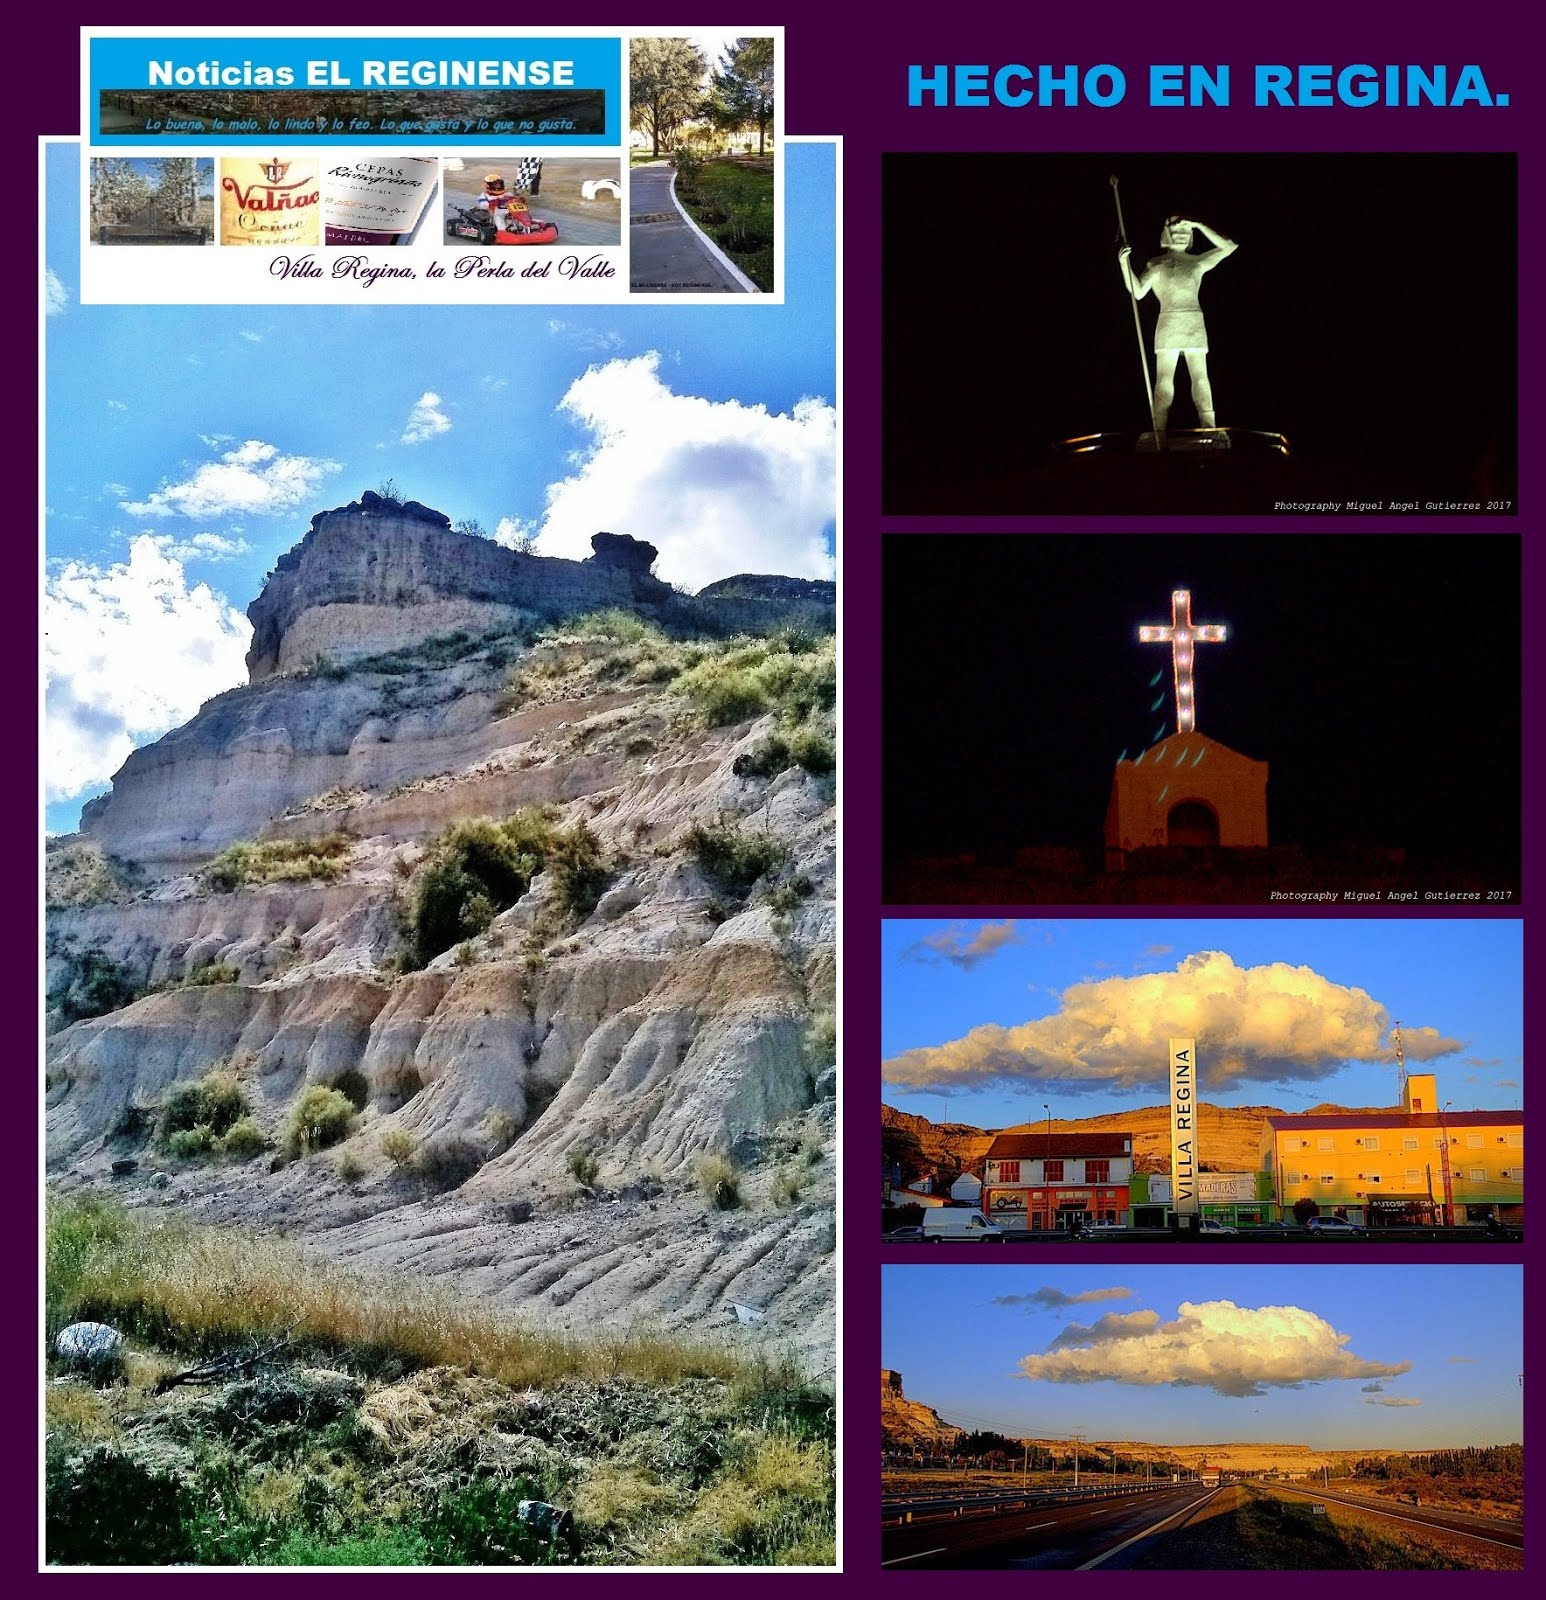 REGINA: BARDA, VIENTO Y SOL.